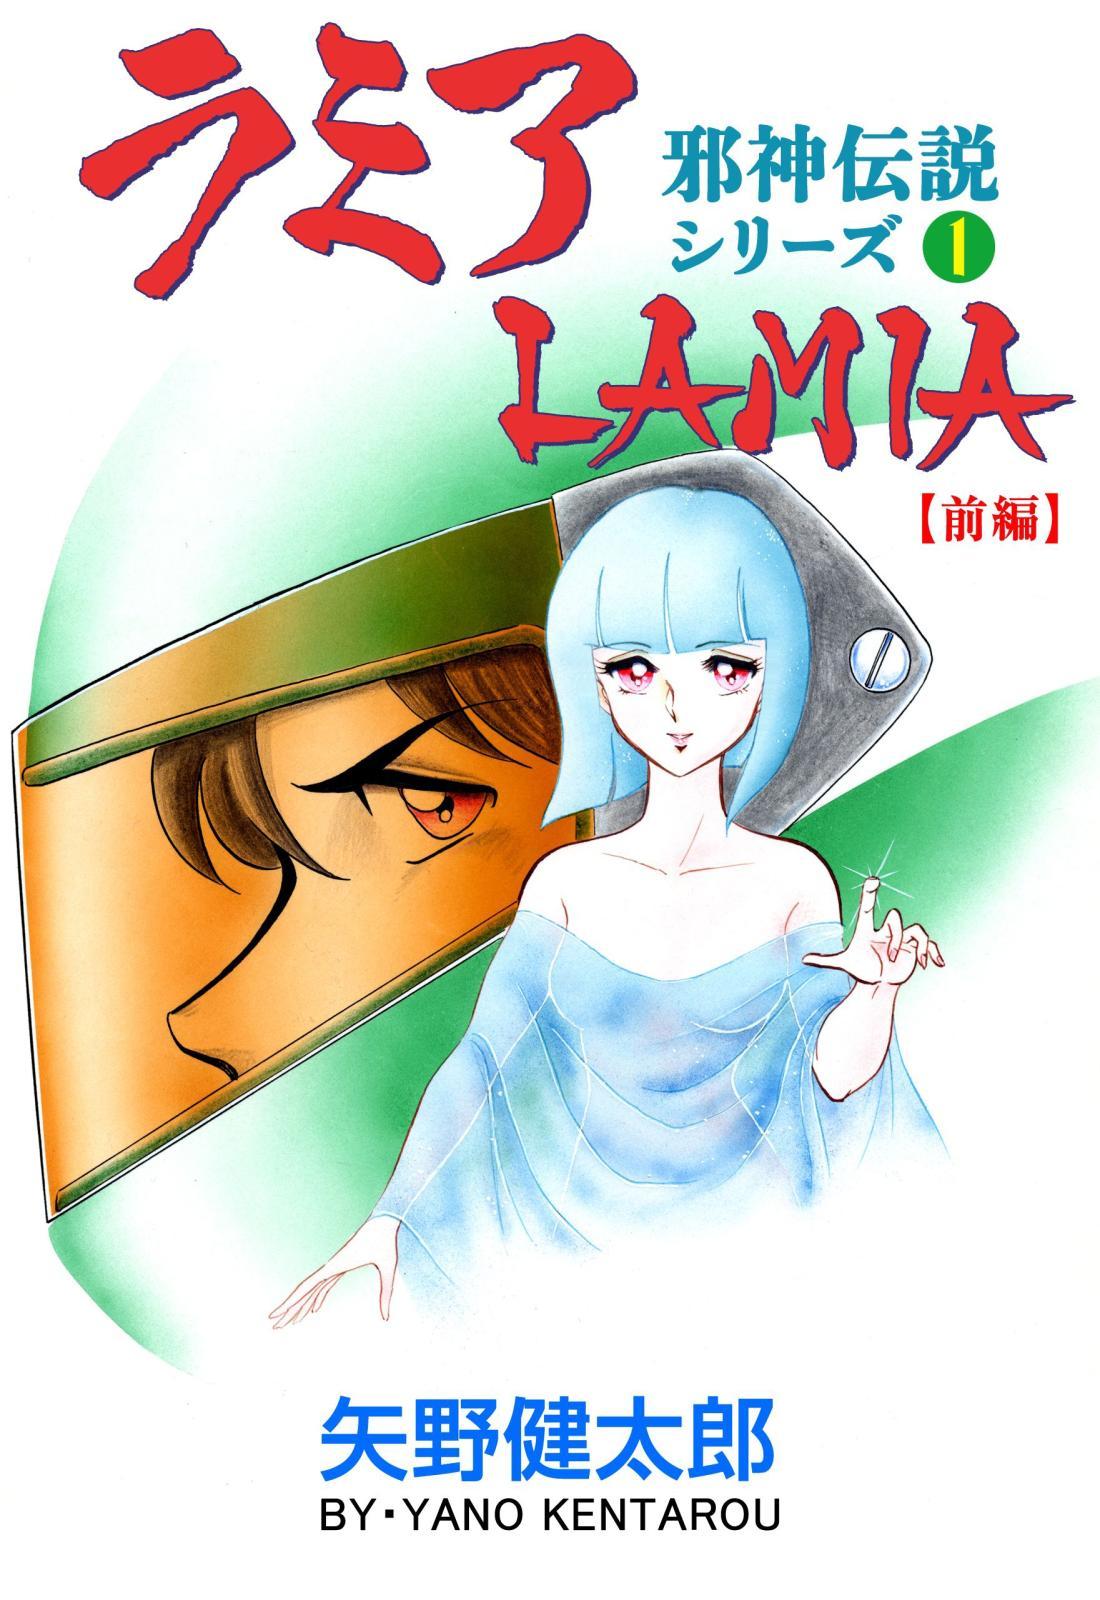 邪神伝説シリーズ 1 ラミア【前編】